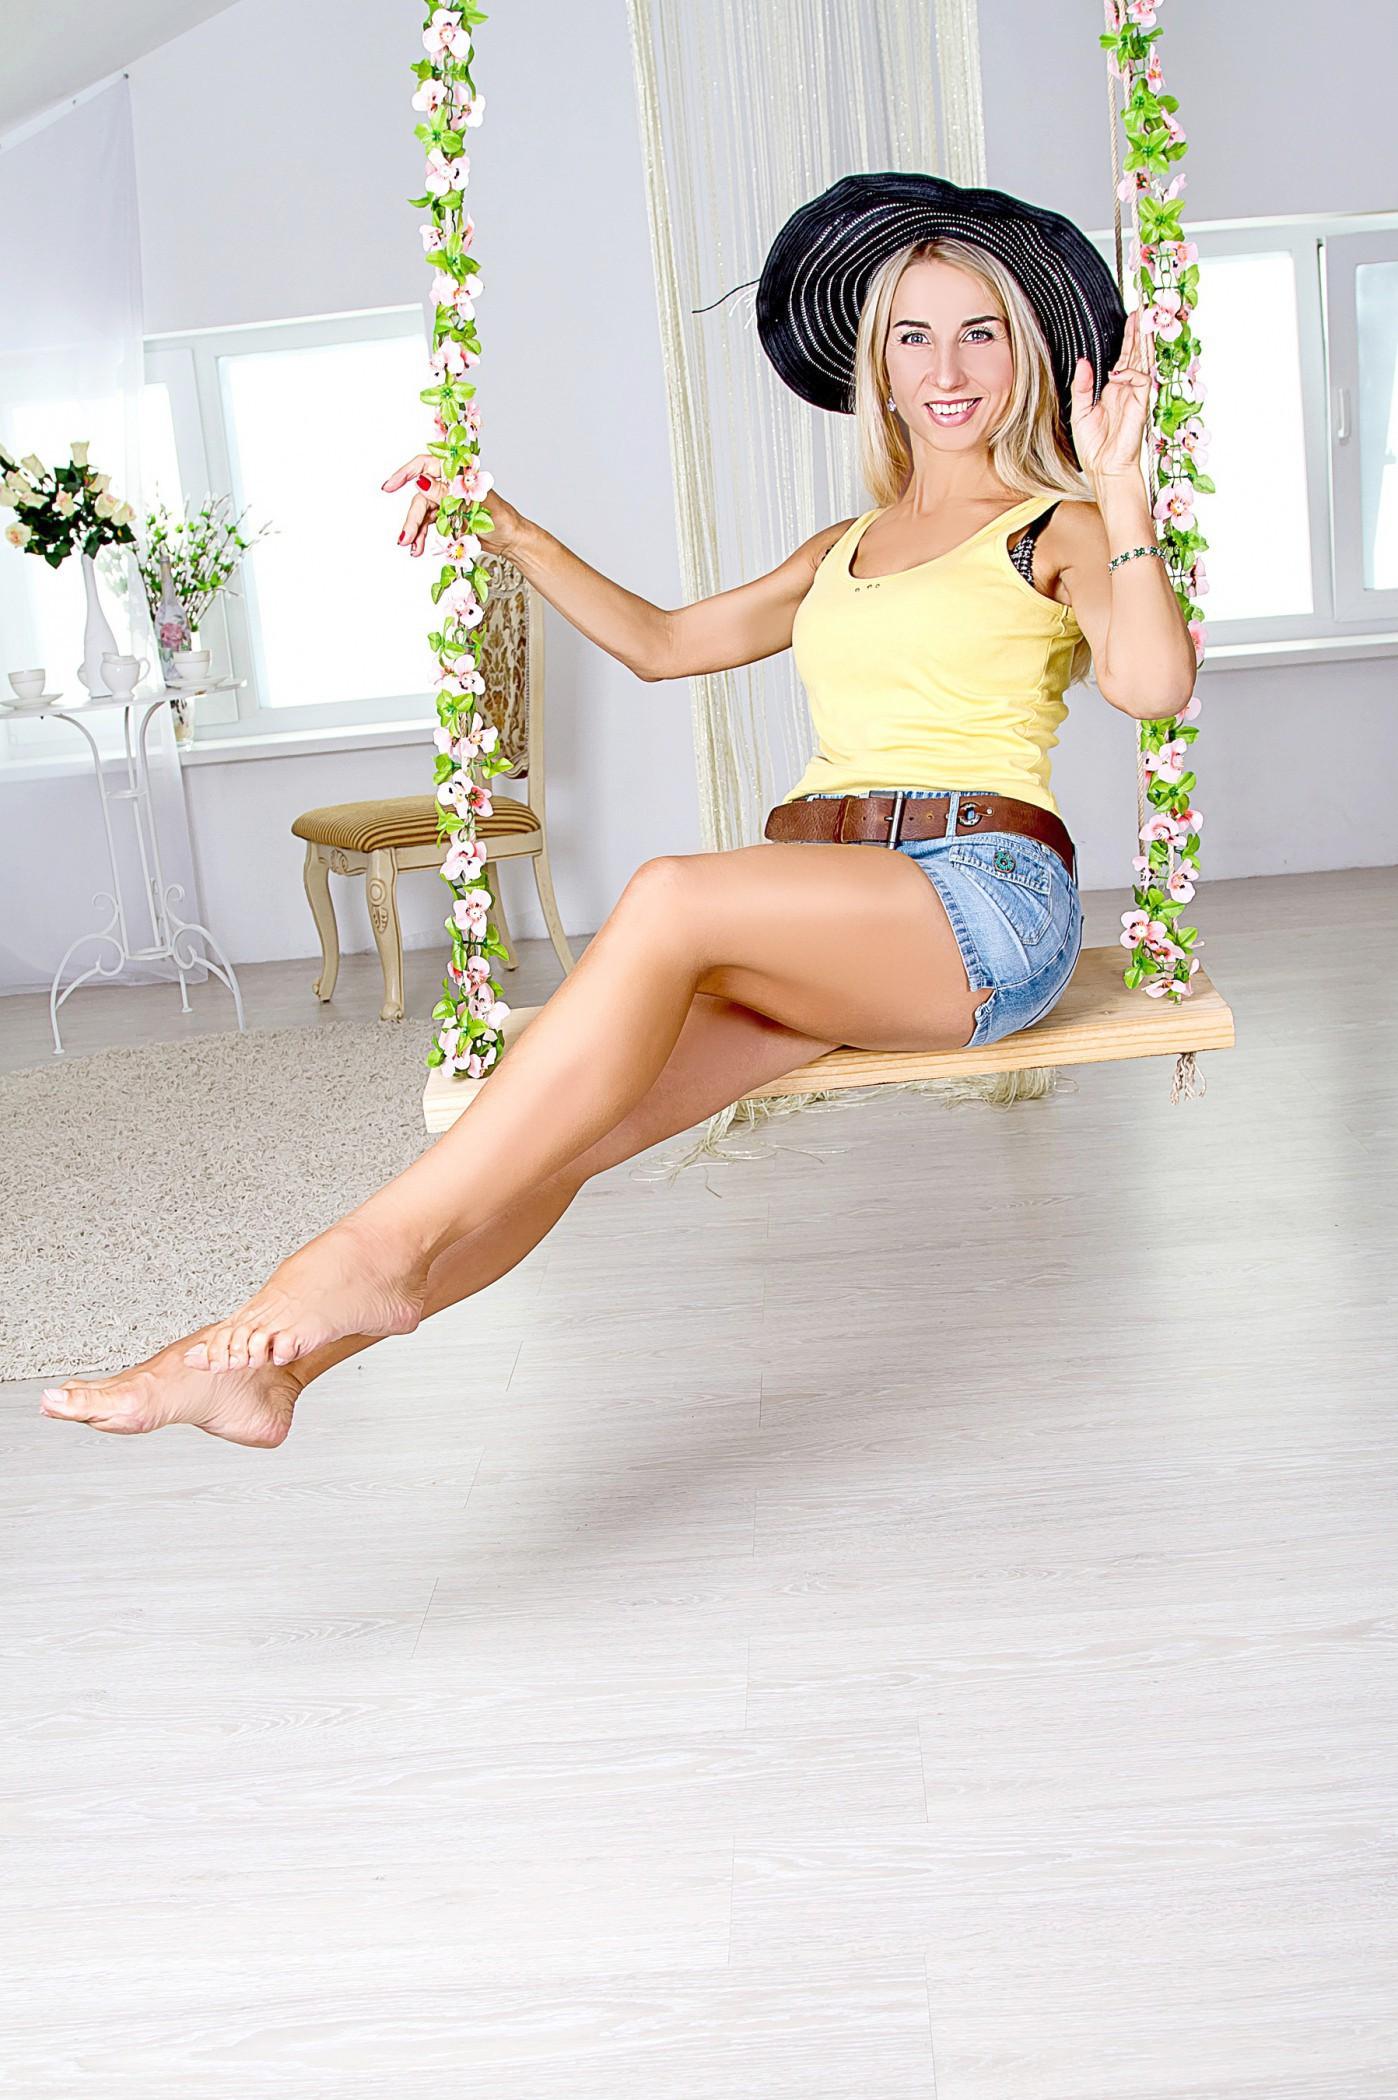 Foto peluda adolescente desnuda